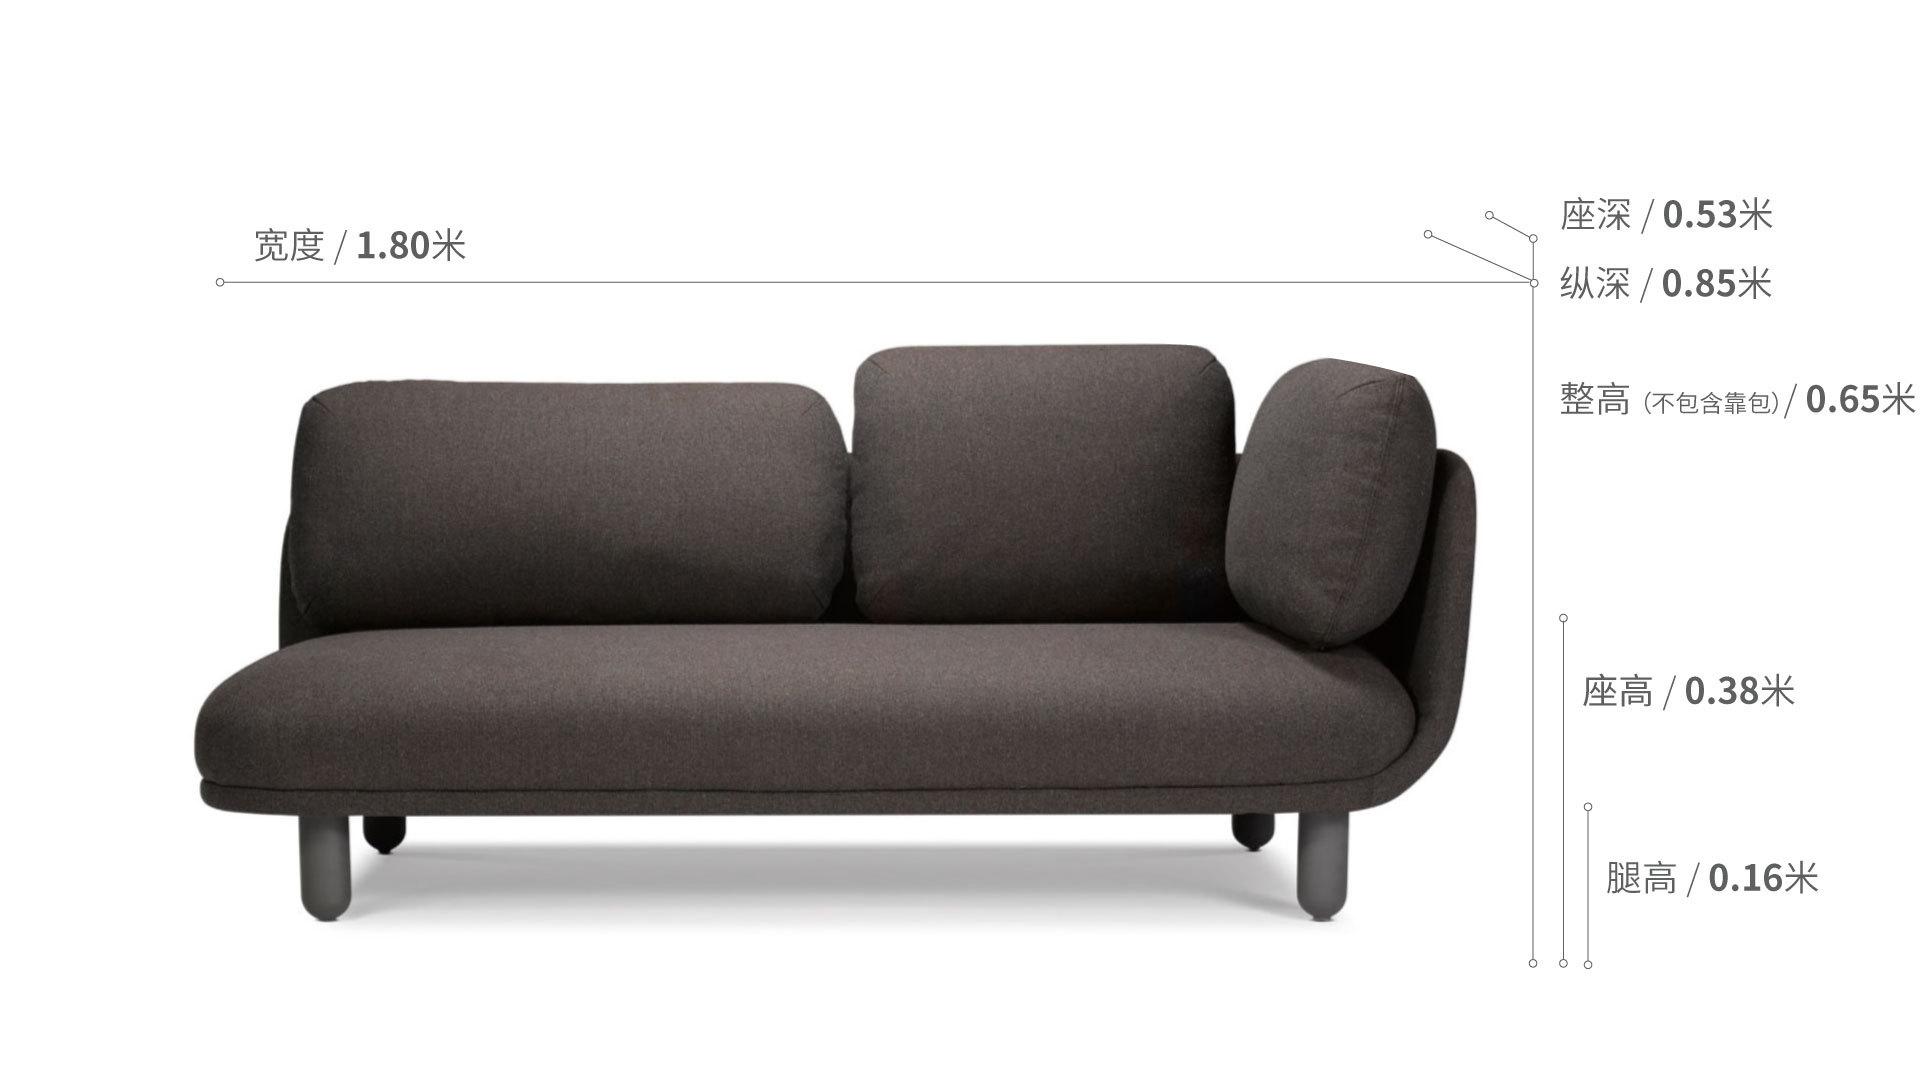 云团沙发升级版双人座右扶手沙发效果图